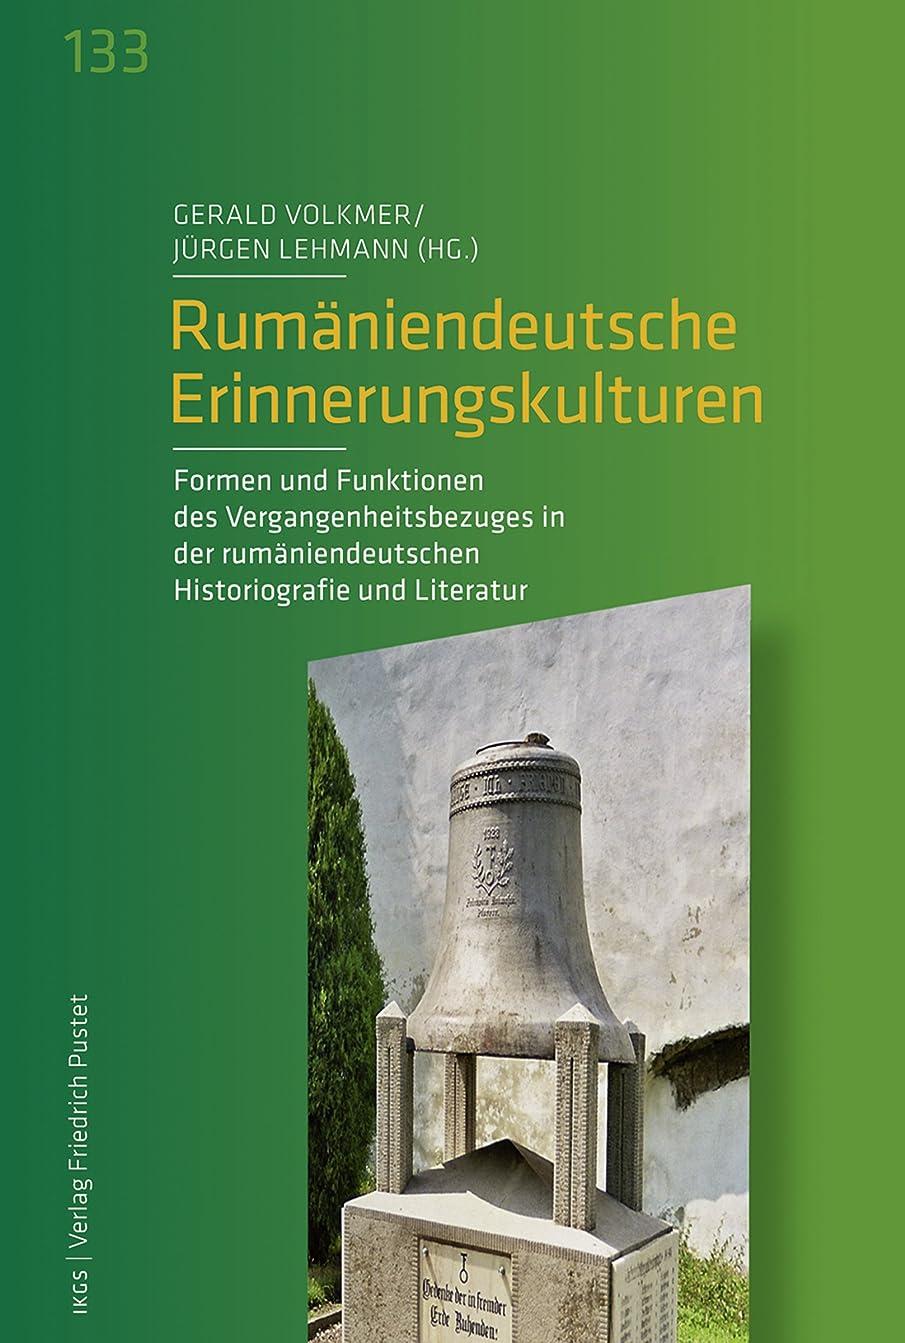 憲法継続中確立しますRum?niendeutsche Erinnerungskulturen: Formen und Funktionen des Vergangenheitsbezuges in der rum?niendeutschen Historiografie und Literatur (Ver?ffentlichungen ... München 133) (German Edition)